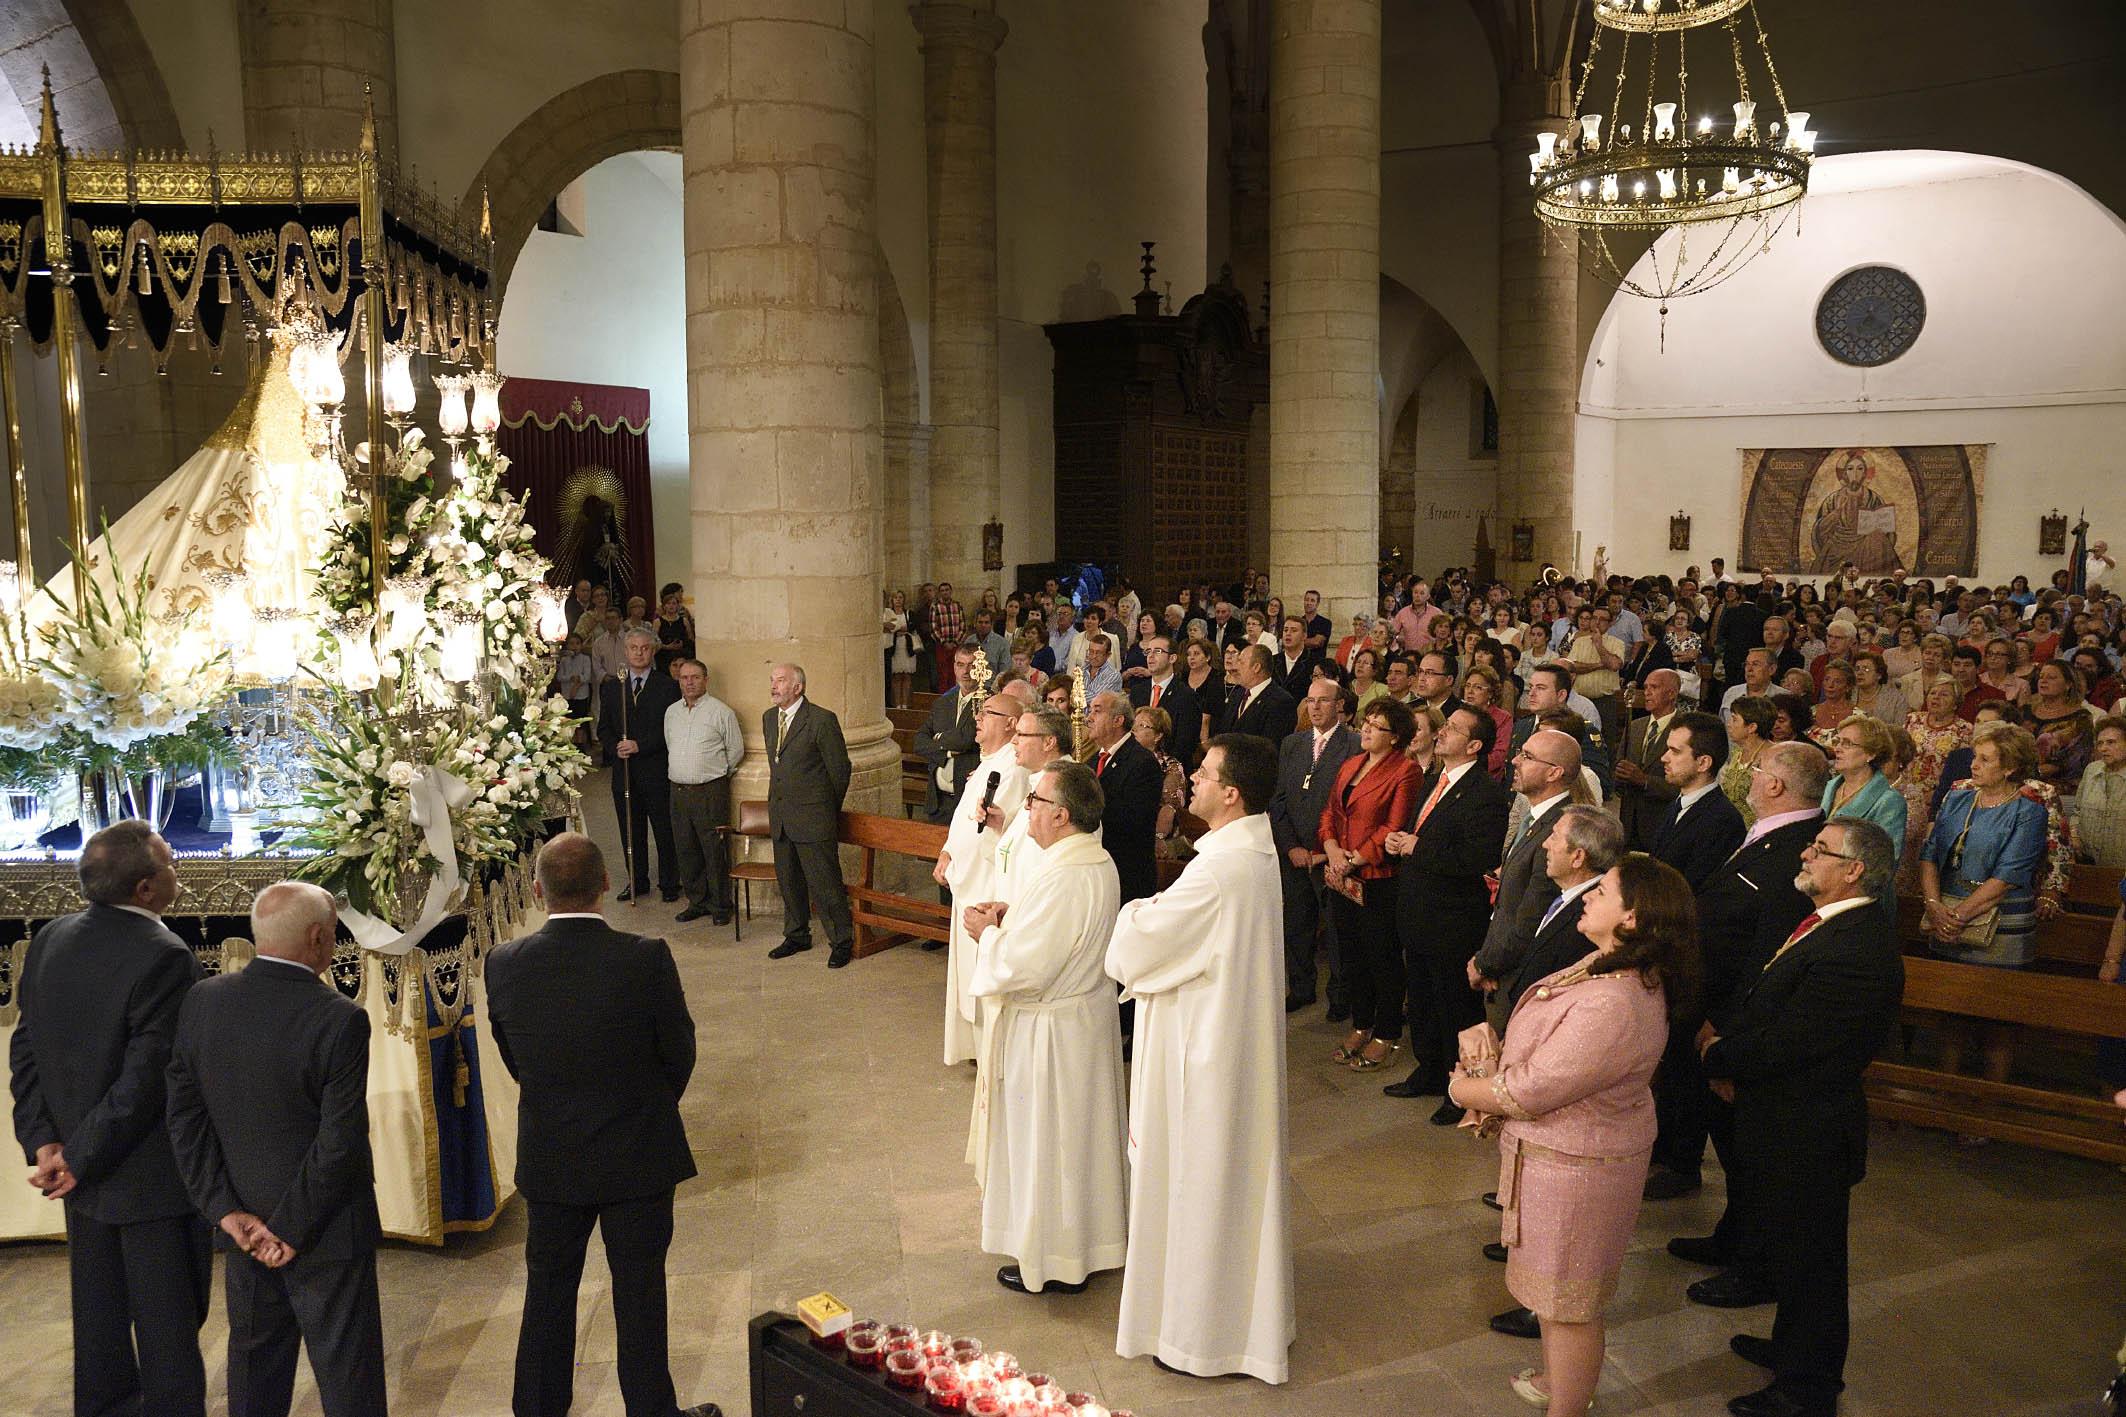 La Virgen de Peñarroya atrae a numerosos devotos en su desfile procesional